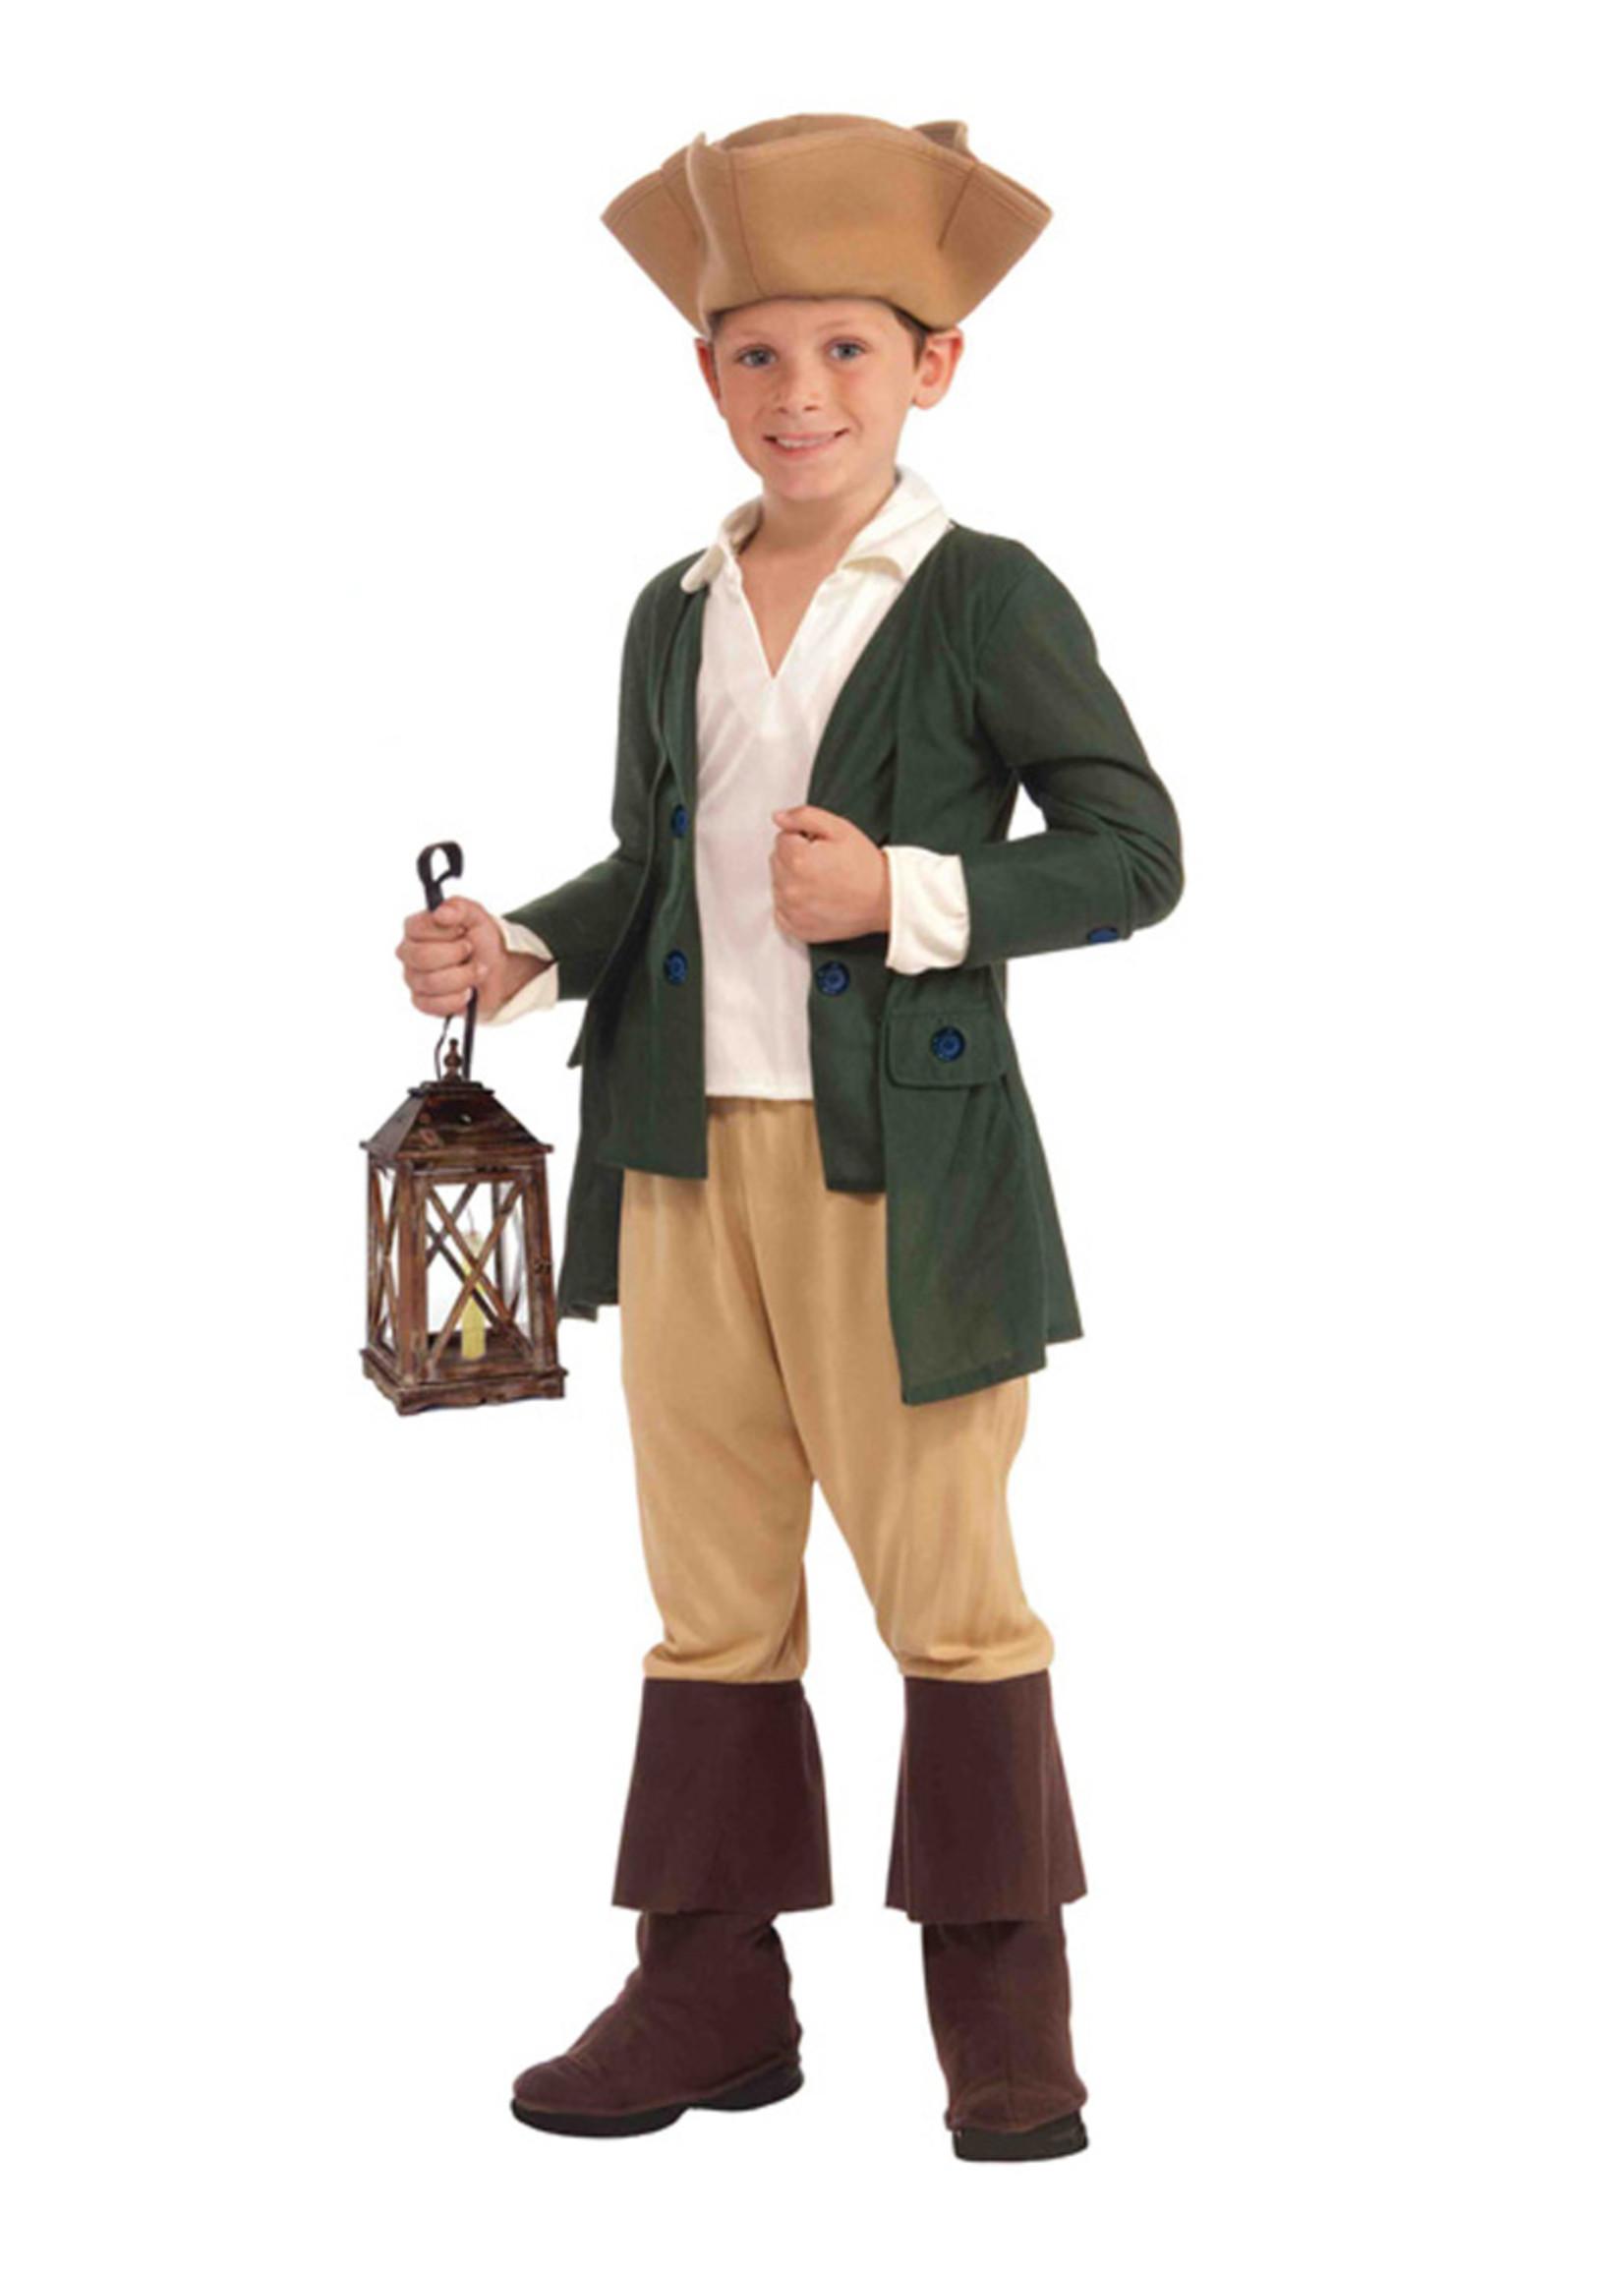 Paul Revere Costume - Boy's